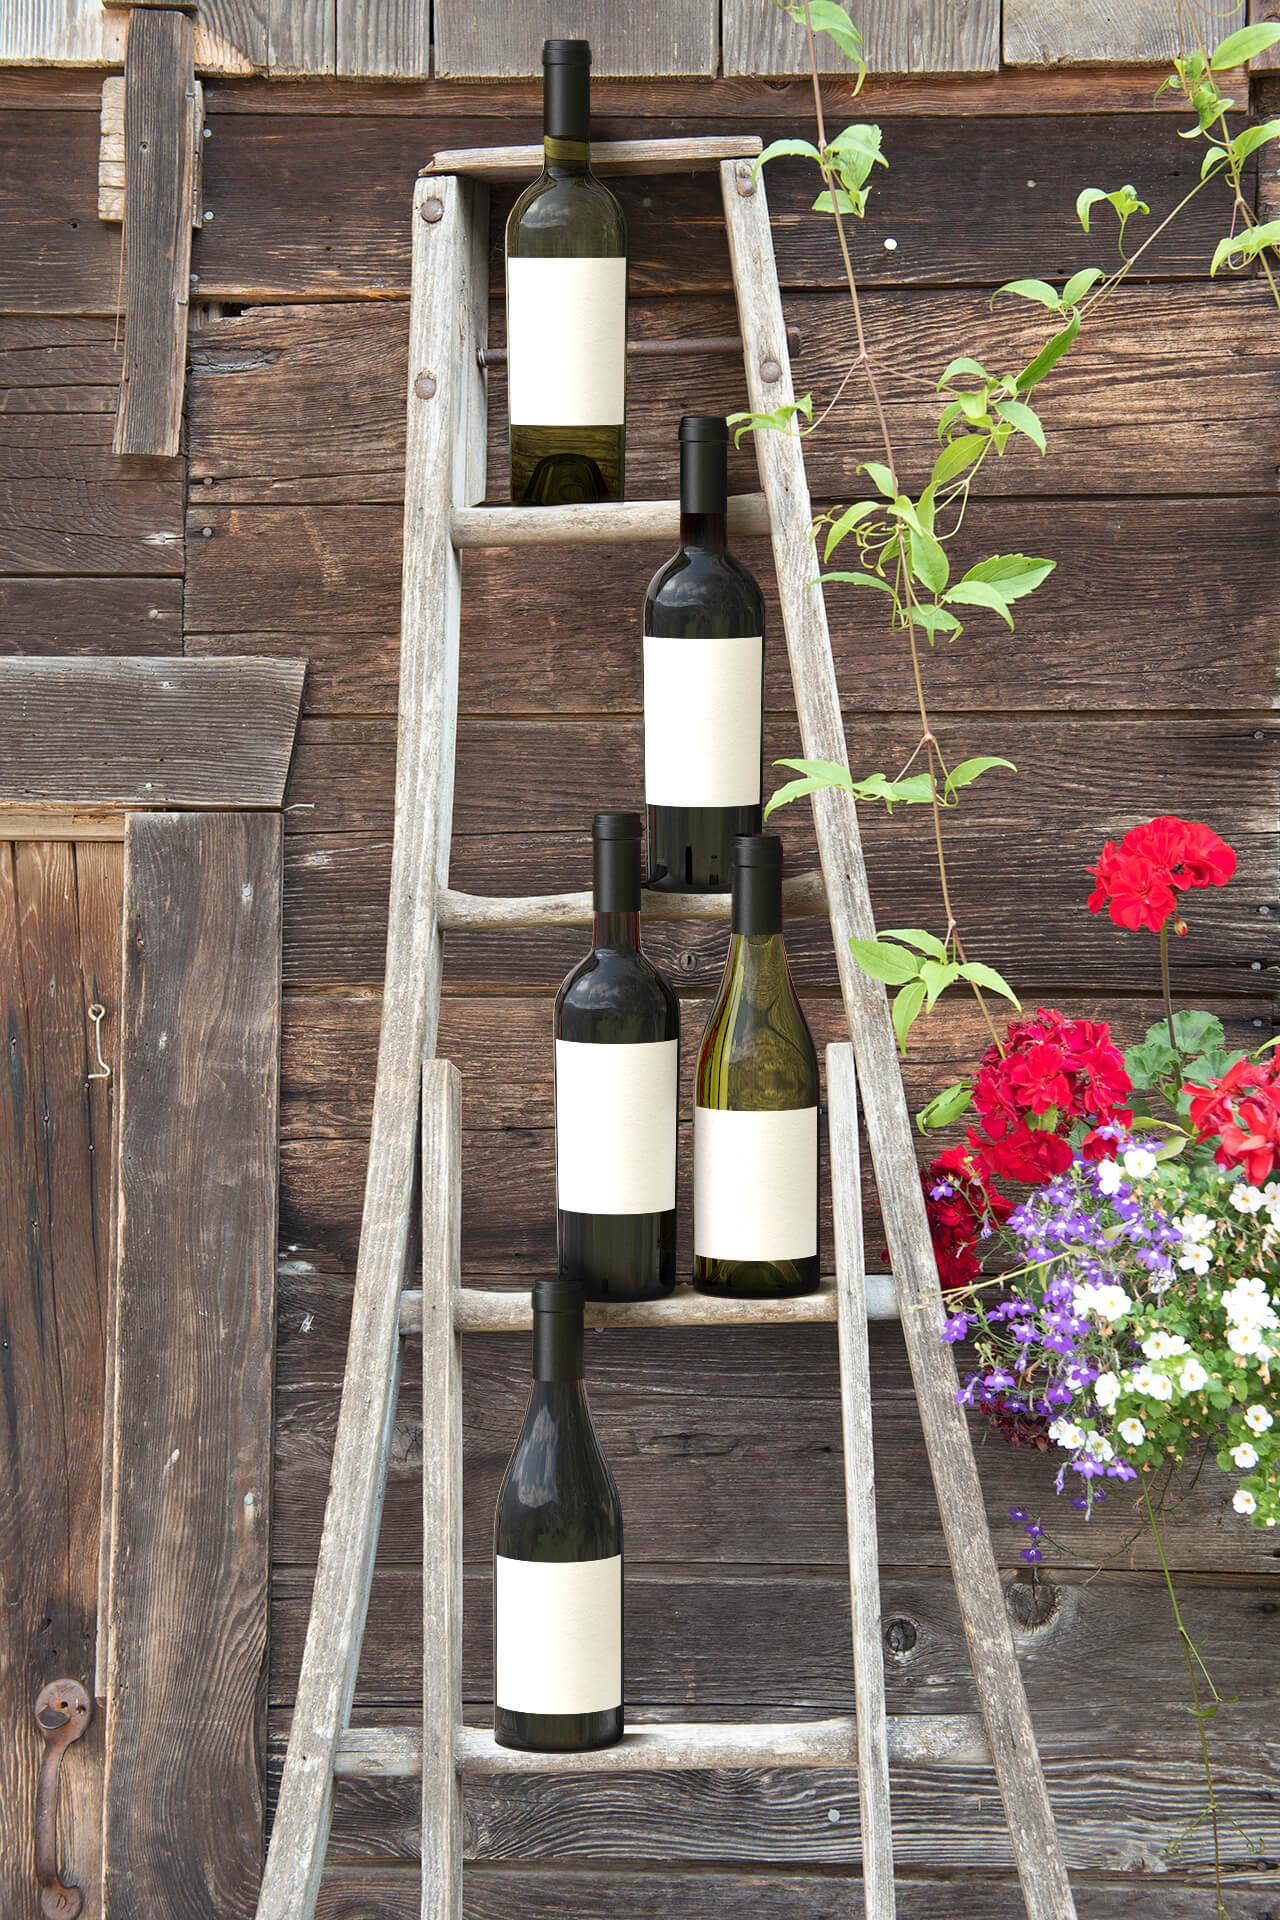 Farm ladder